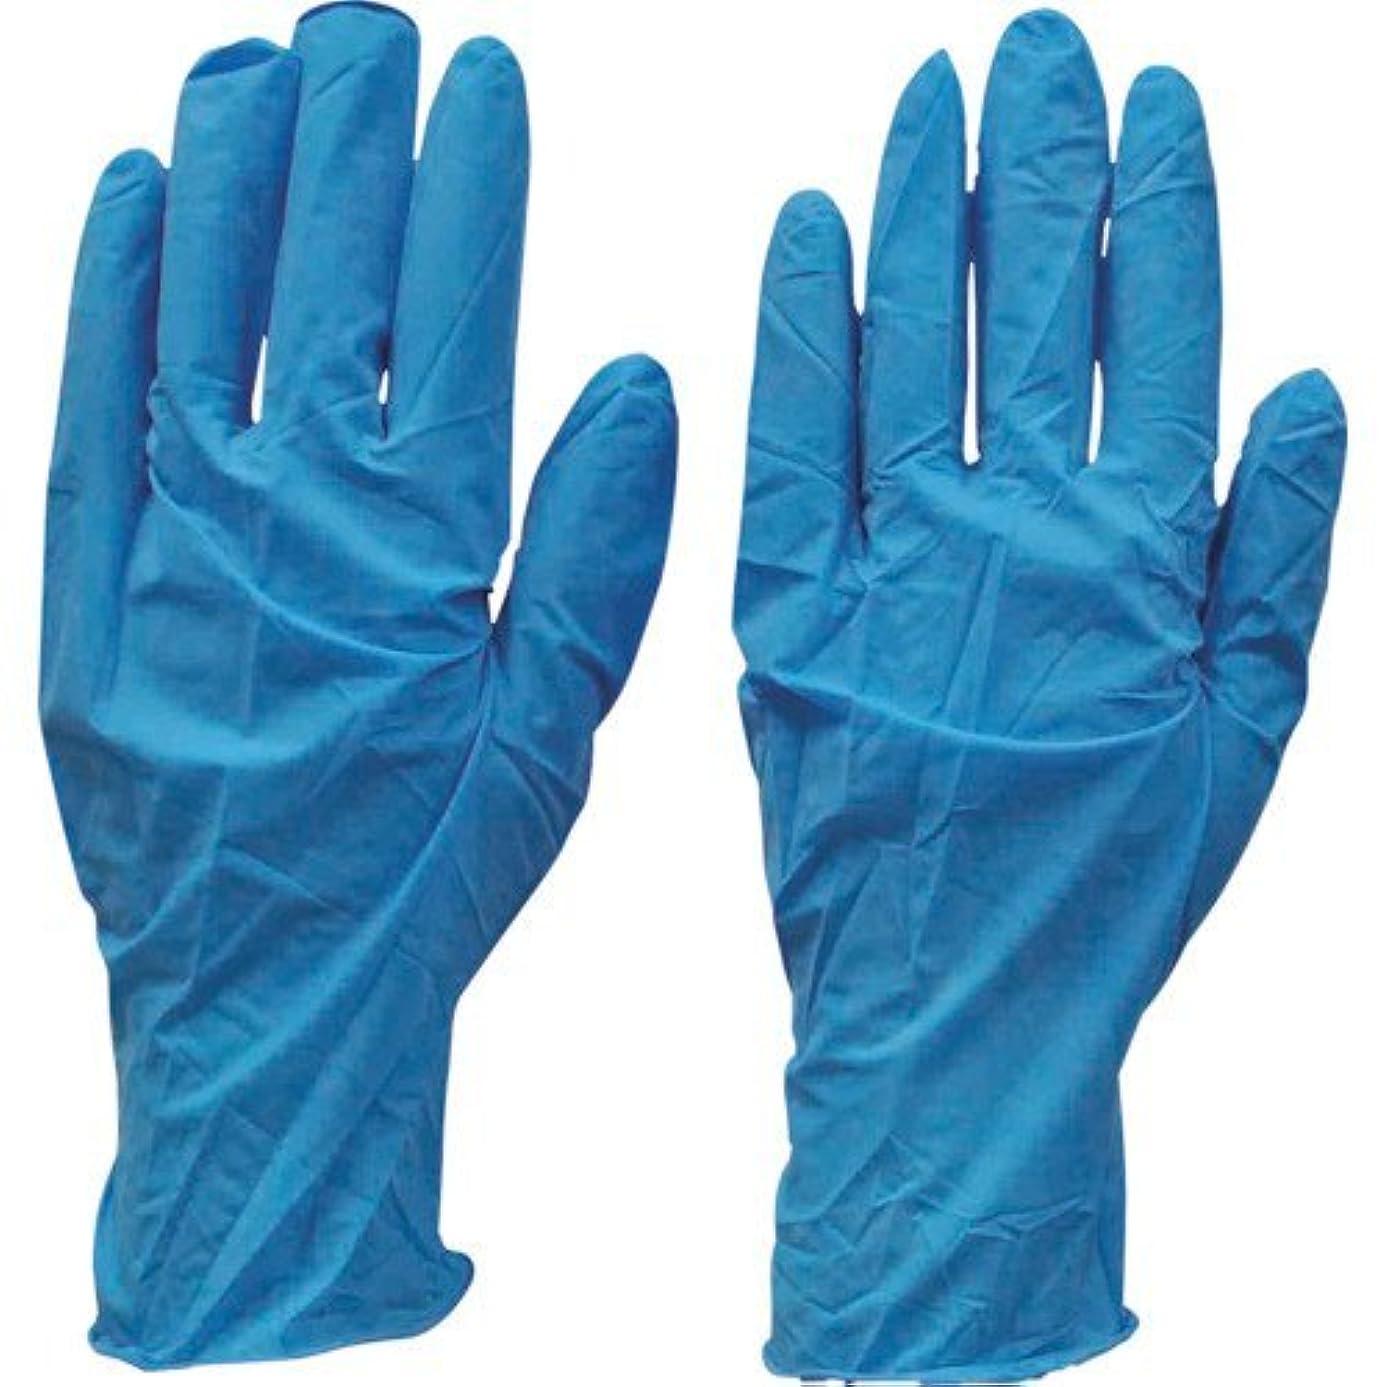 アルコーブファーザーファージュしてはいけないダンロップ N-211 天然ゴム極うす手袋100枚入 Lブルー N211LB